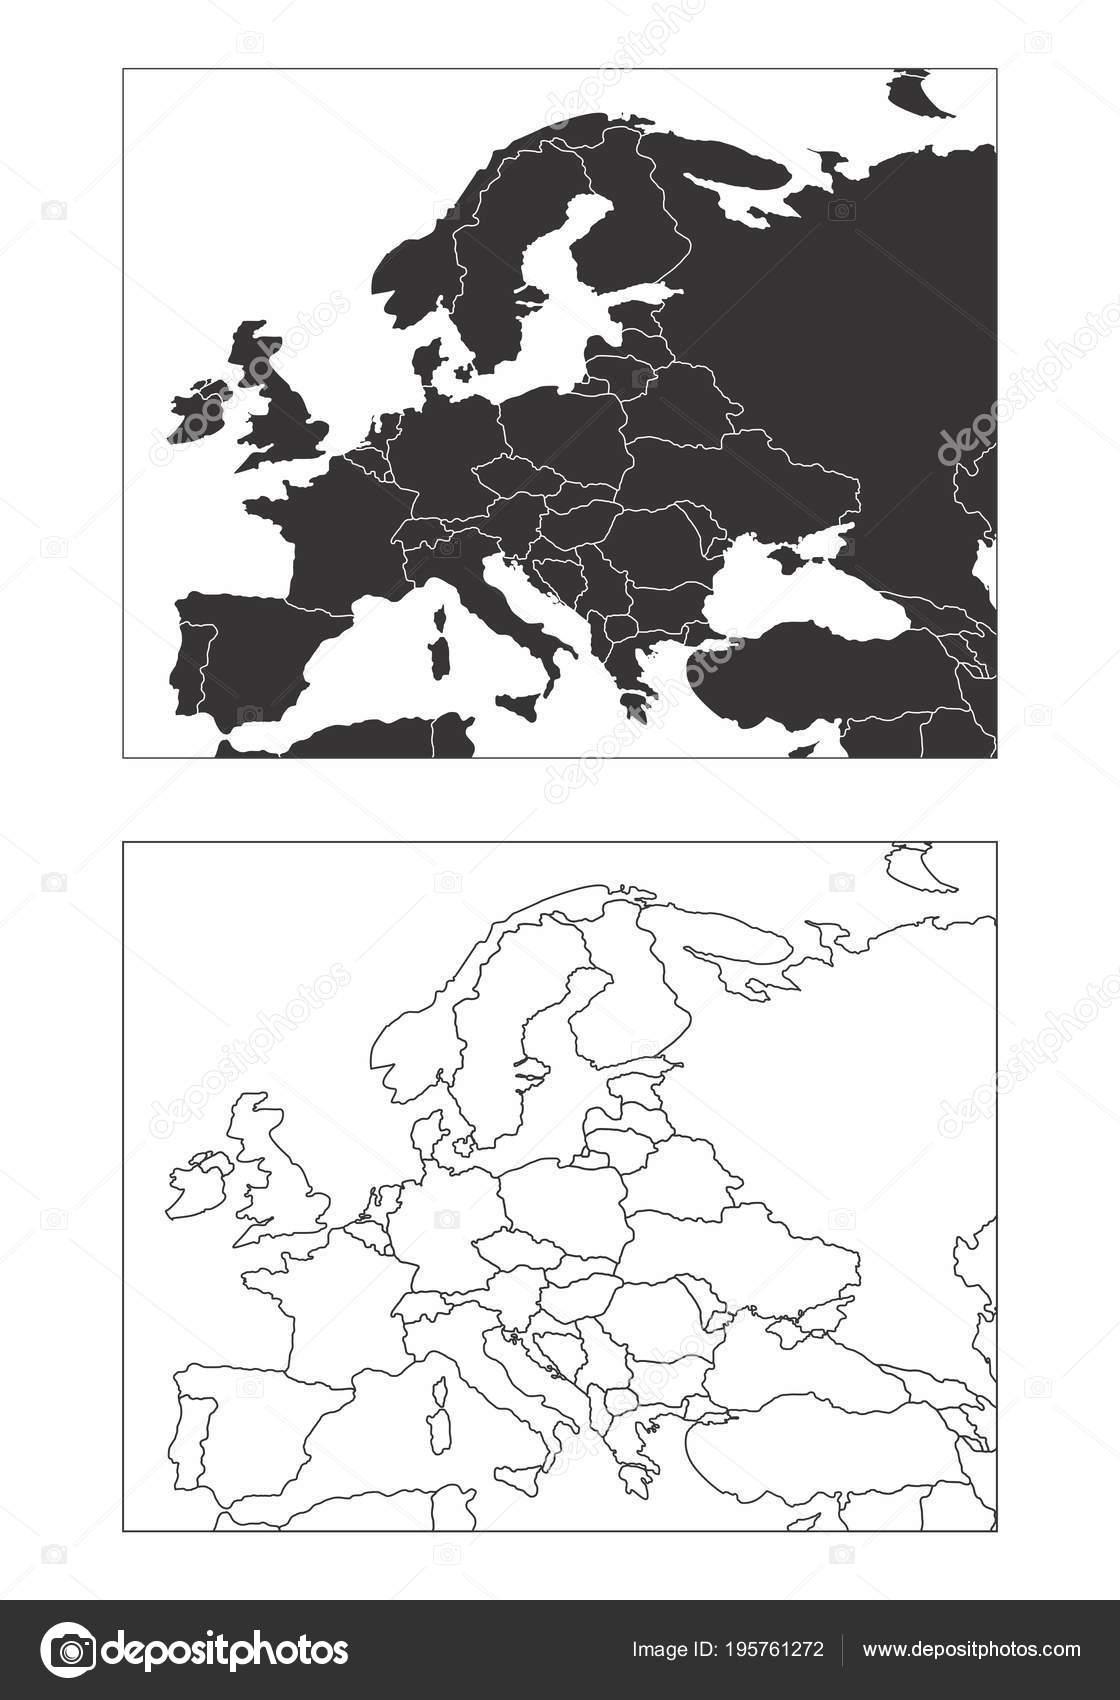 Karte Europa Schwarz Weiss.Karten Von Europa Stockvektor C Luisrftc 195761272